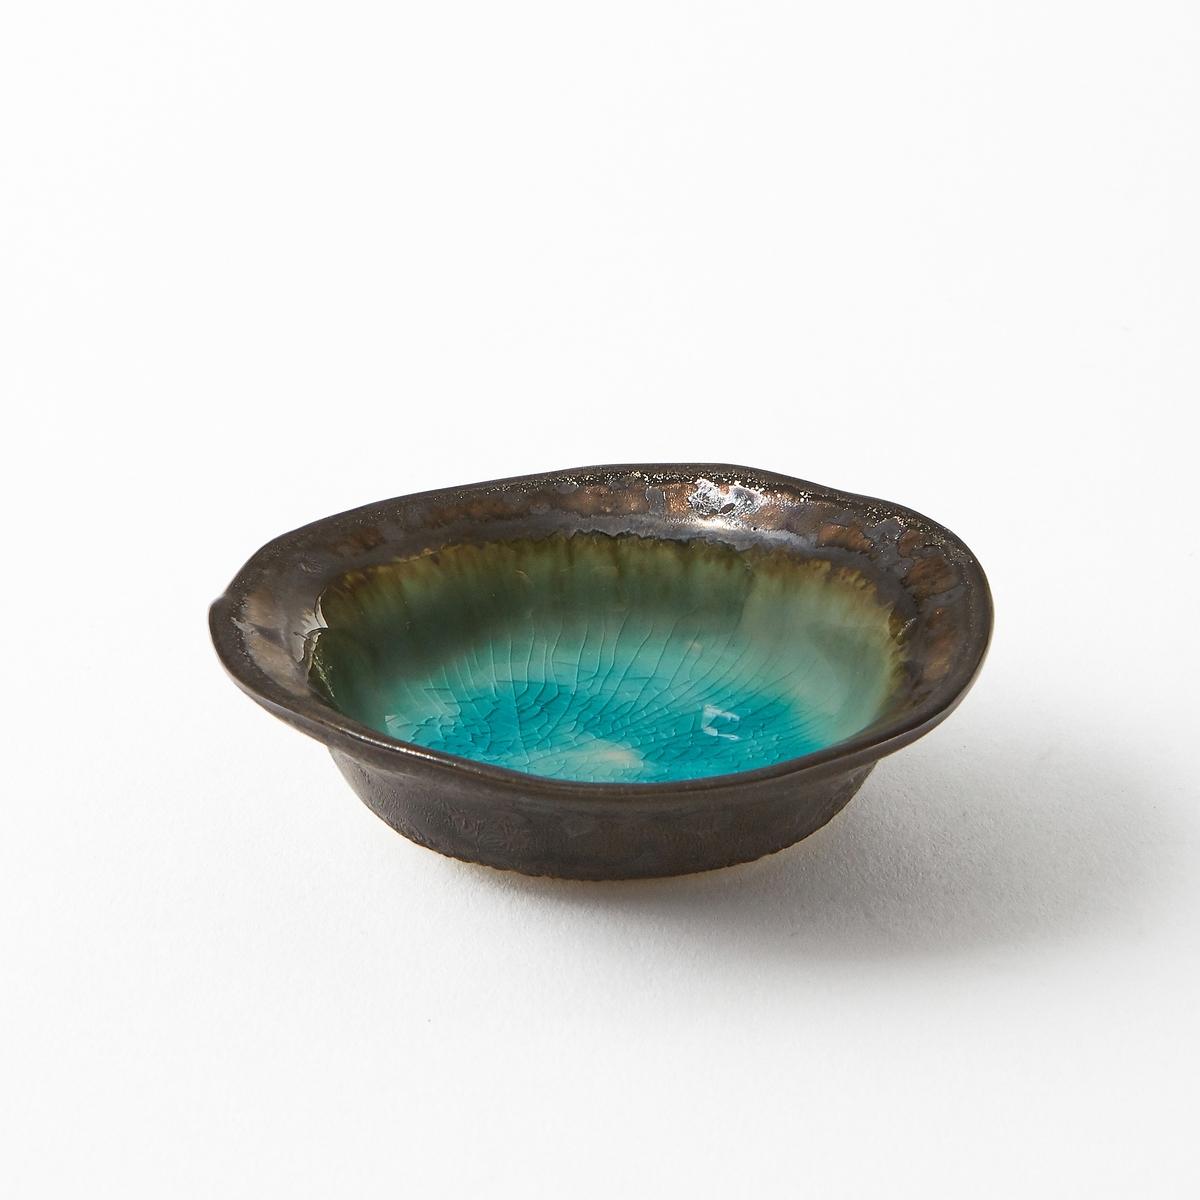 Чаша керамическая эмалированная AltadillЧаша Altadill. Керамическое блюдо с бирюзовой эмалью и металлизированной отделкой под бронзу. Ручная работа, каждое блюдо уникально. Размеры : ?8,5 x В2 см.Мыть в посудомоечной машине запрещено. .<br><br>Цвет: голубой бирюзовый